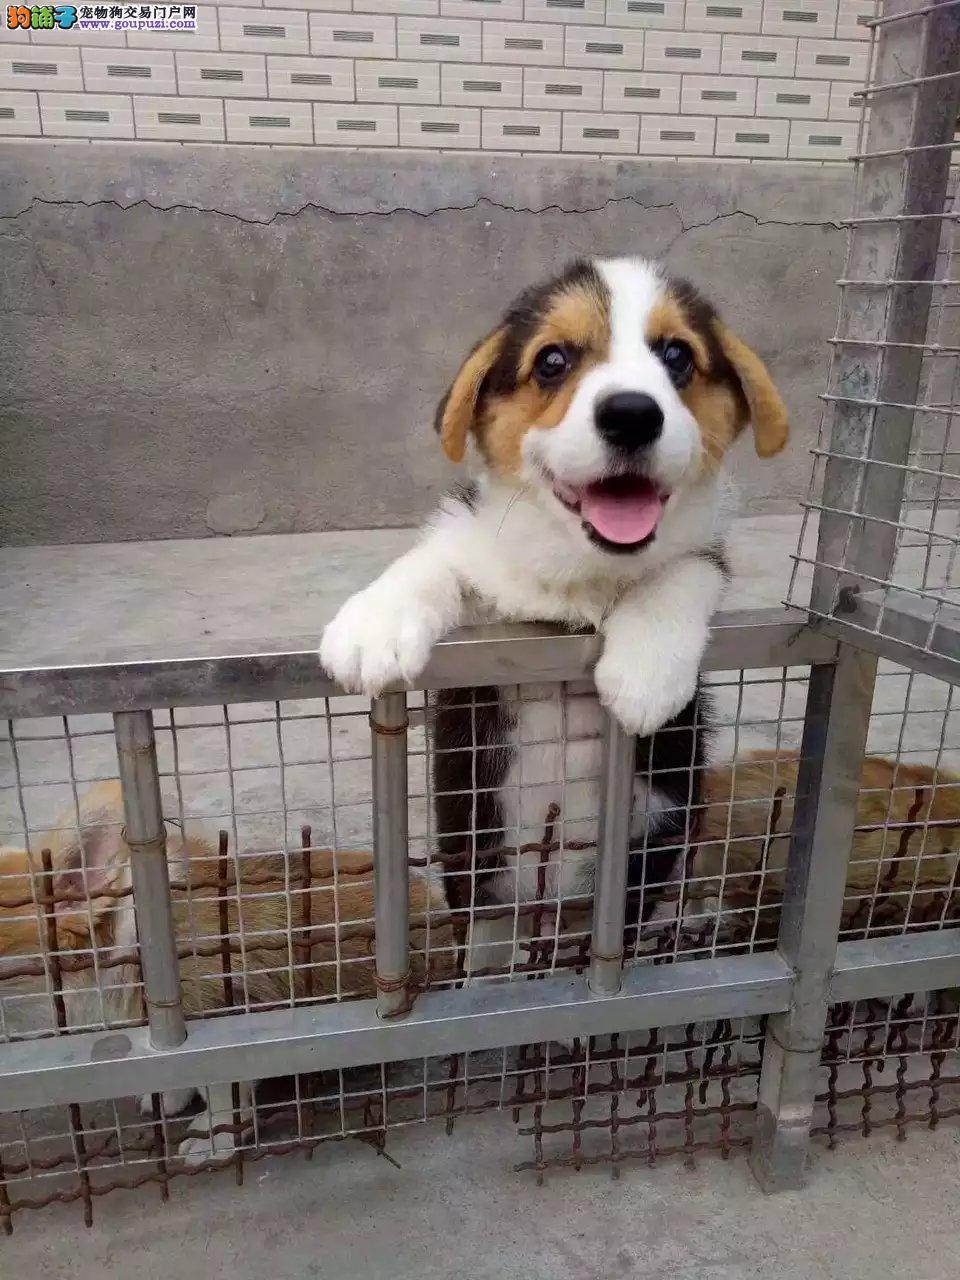 大连哪里有犬舍卖柯基犬 大连双色柯基怎么卖 柯基